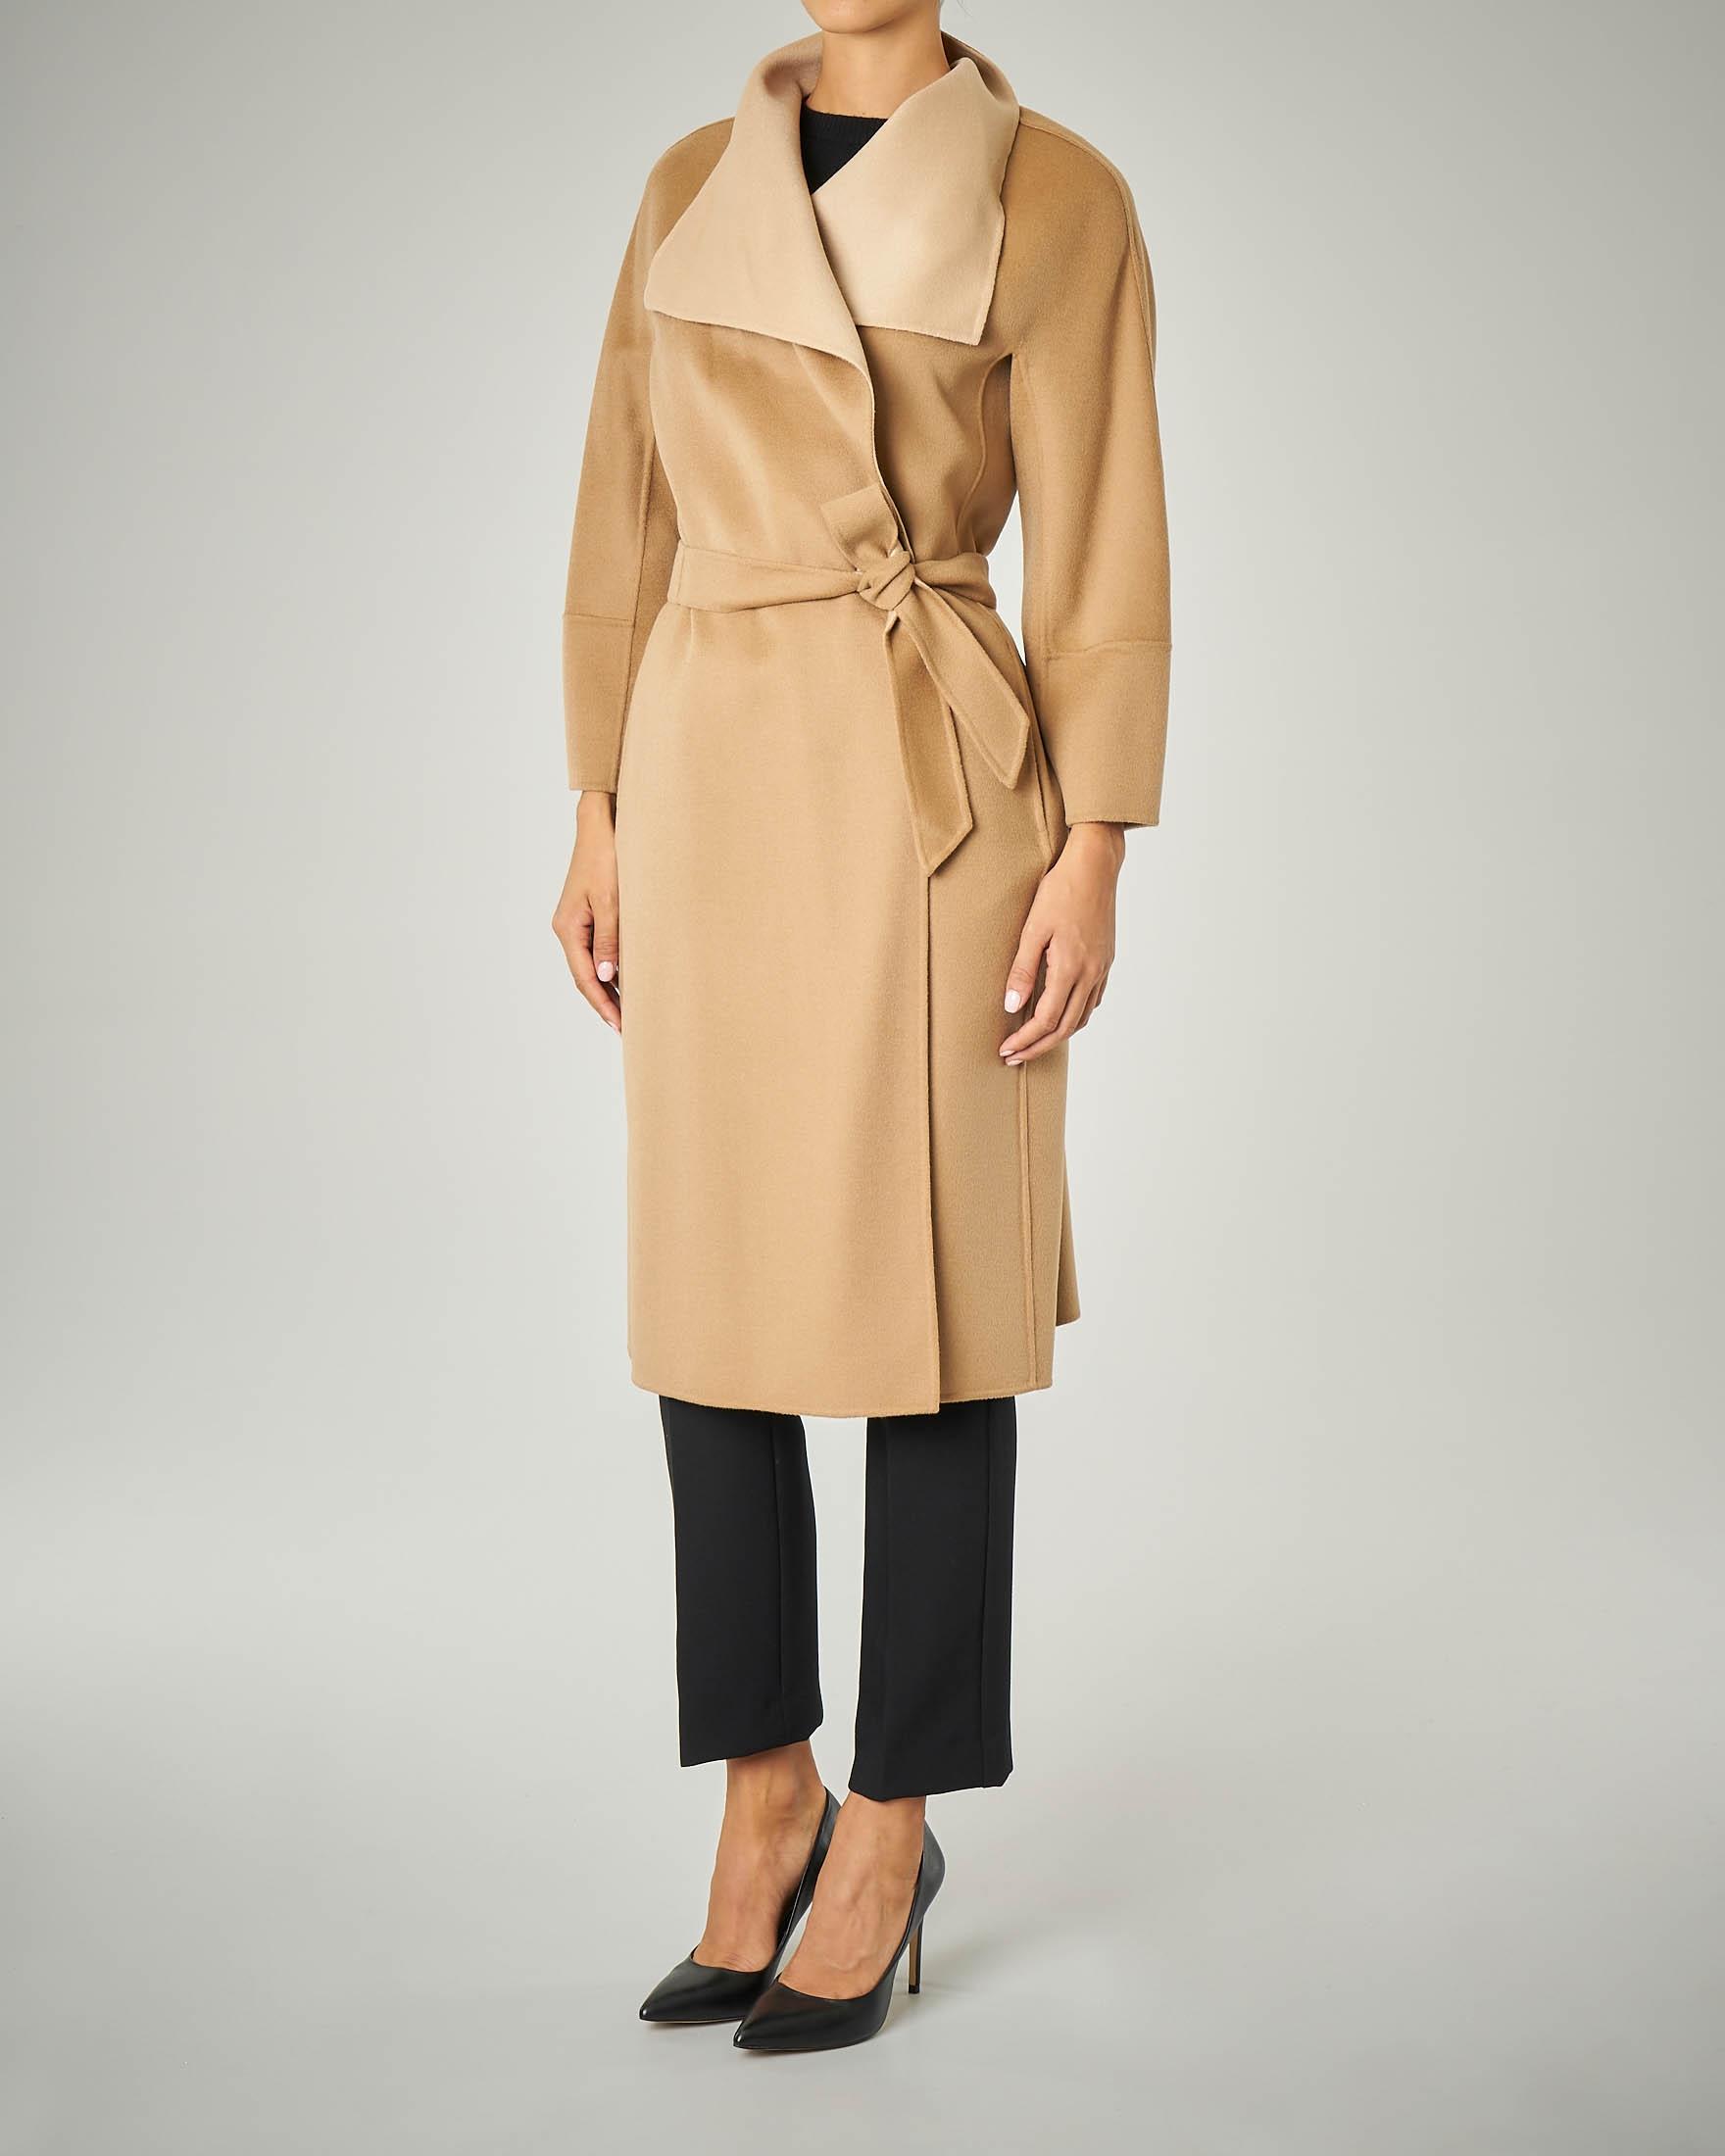 Cappotto in double di lana, cachemire e seta